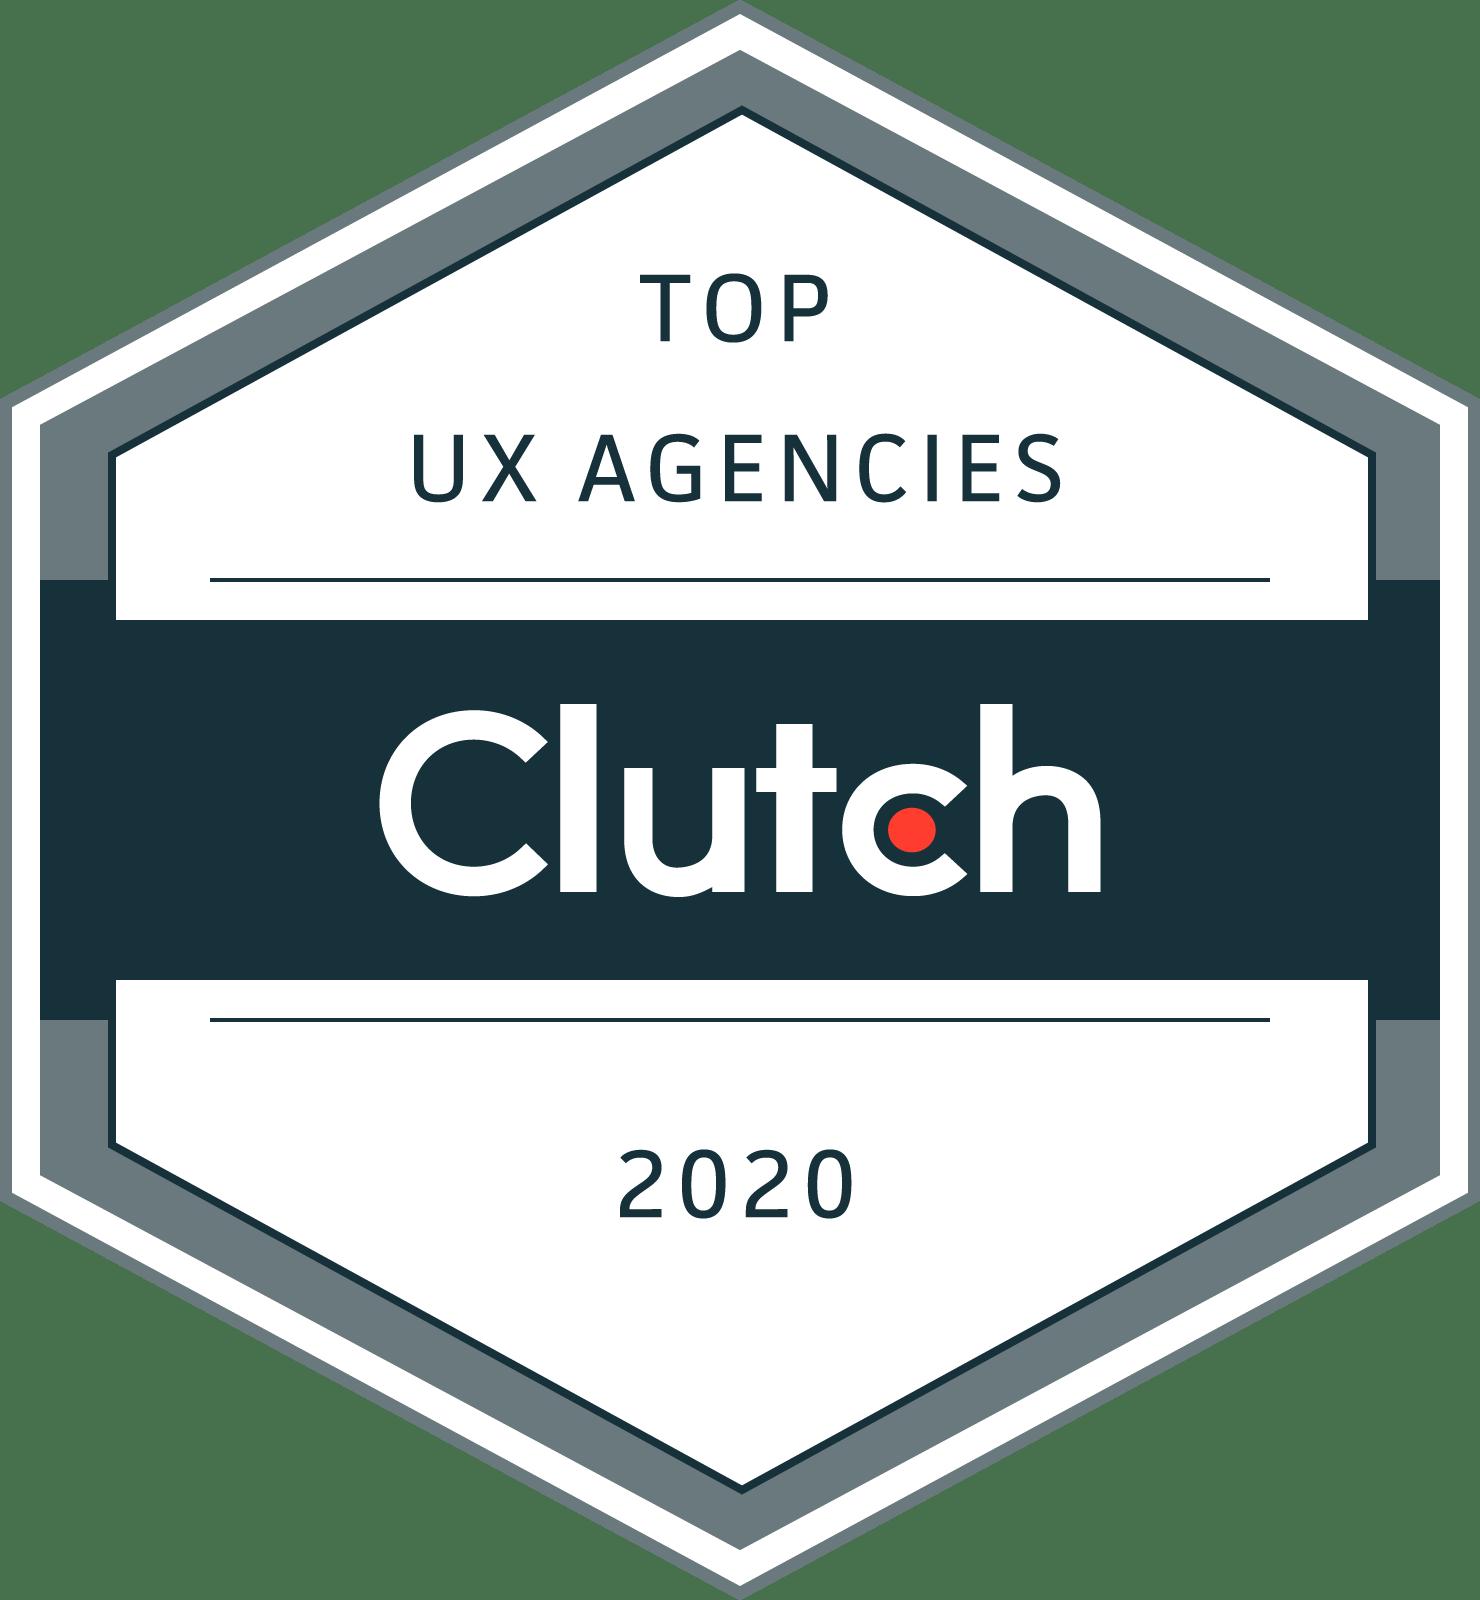 clutch-ux_agencies_2020